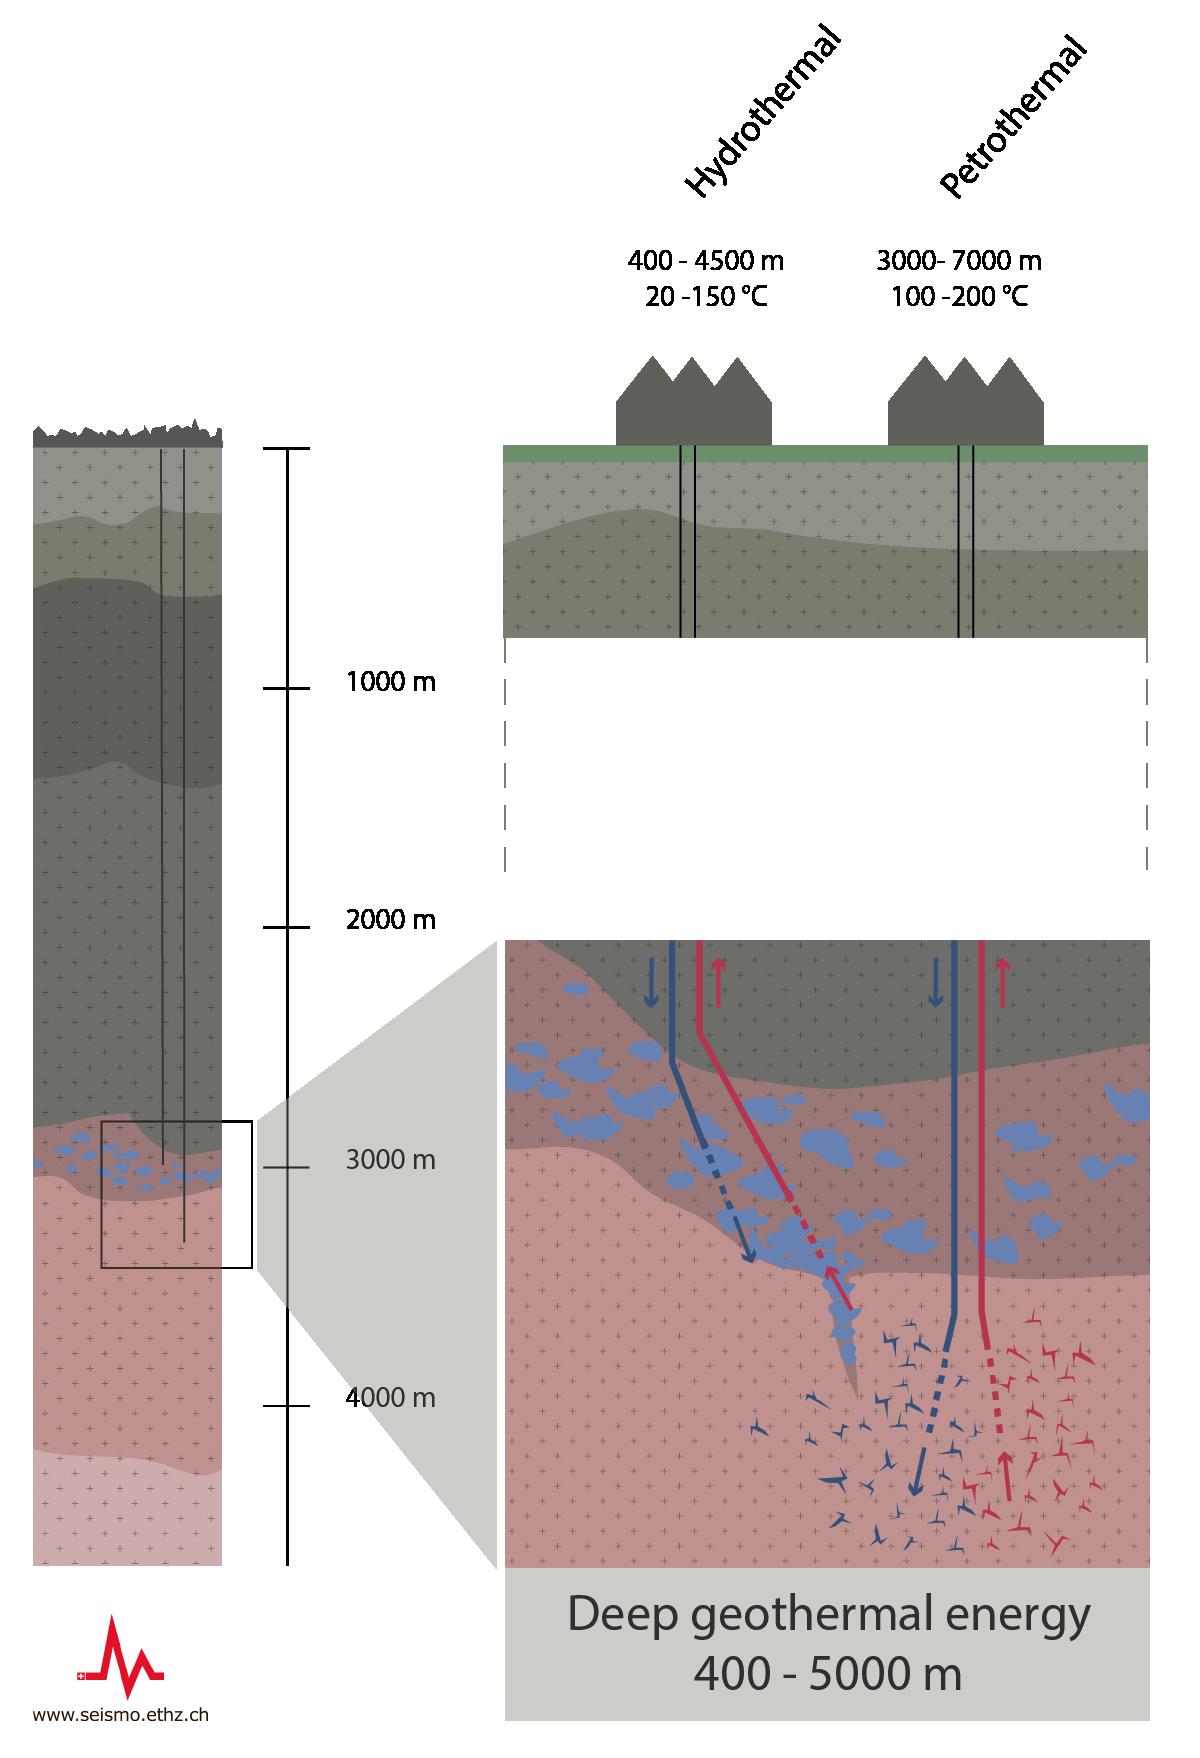 Sed forms of geothermal energy deep geothermal energy pooptronica